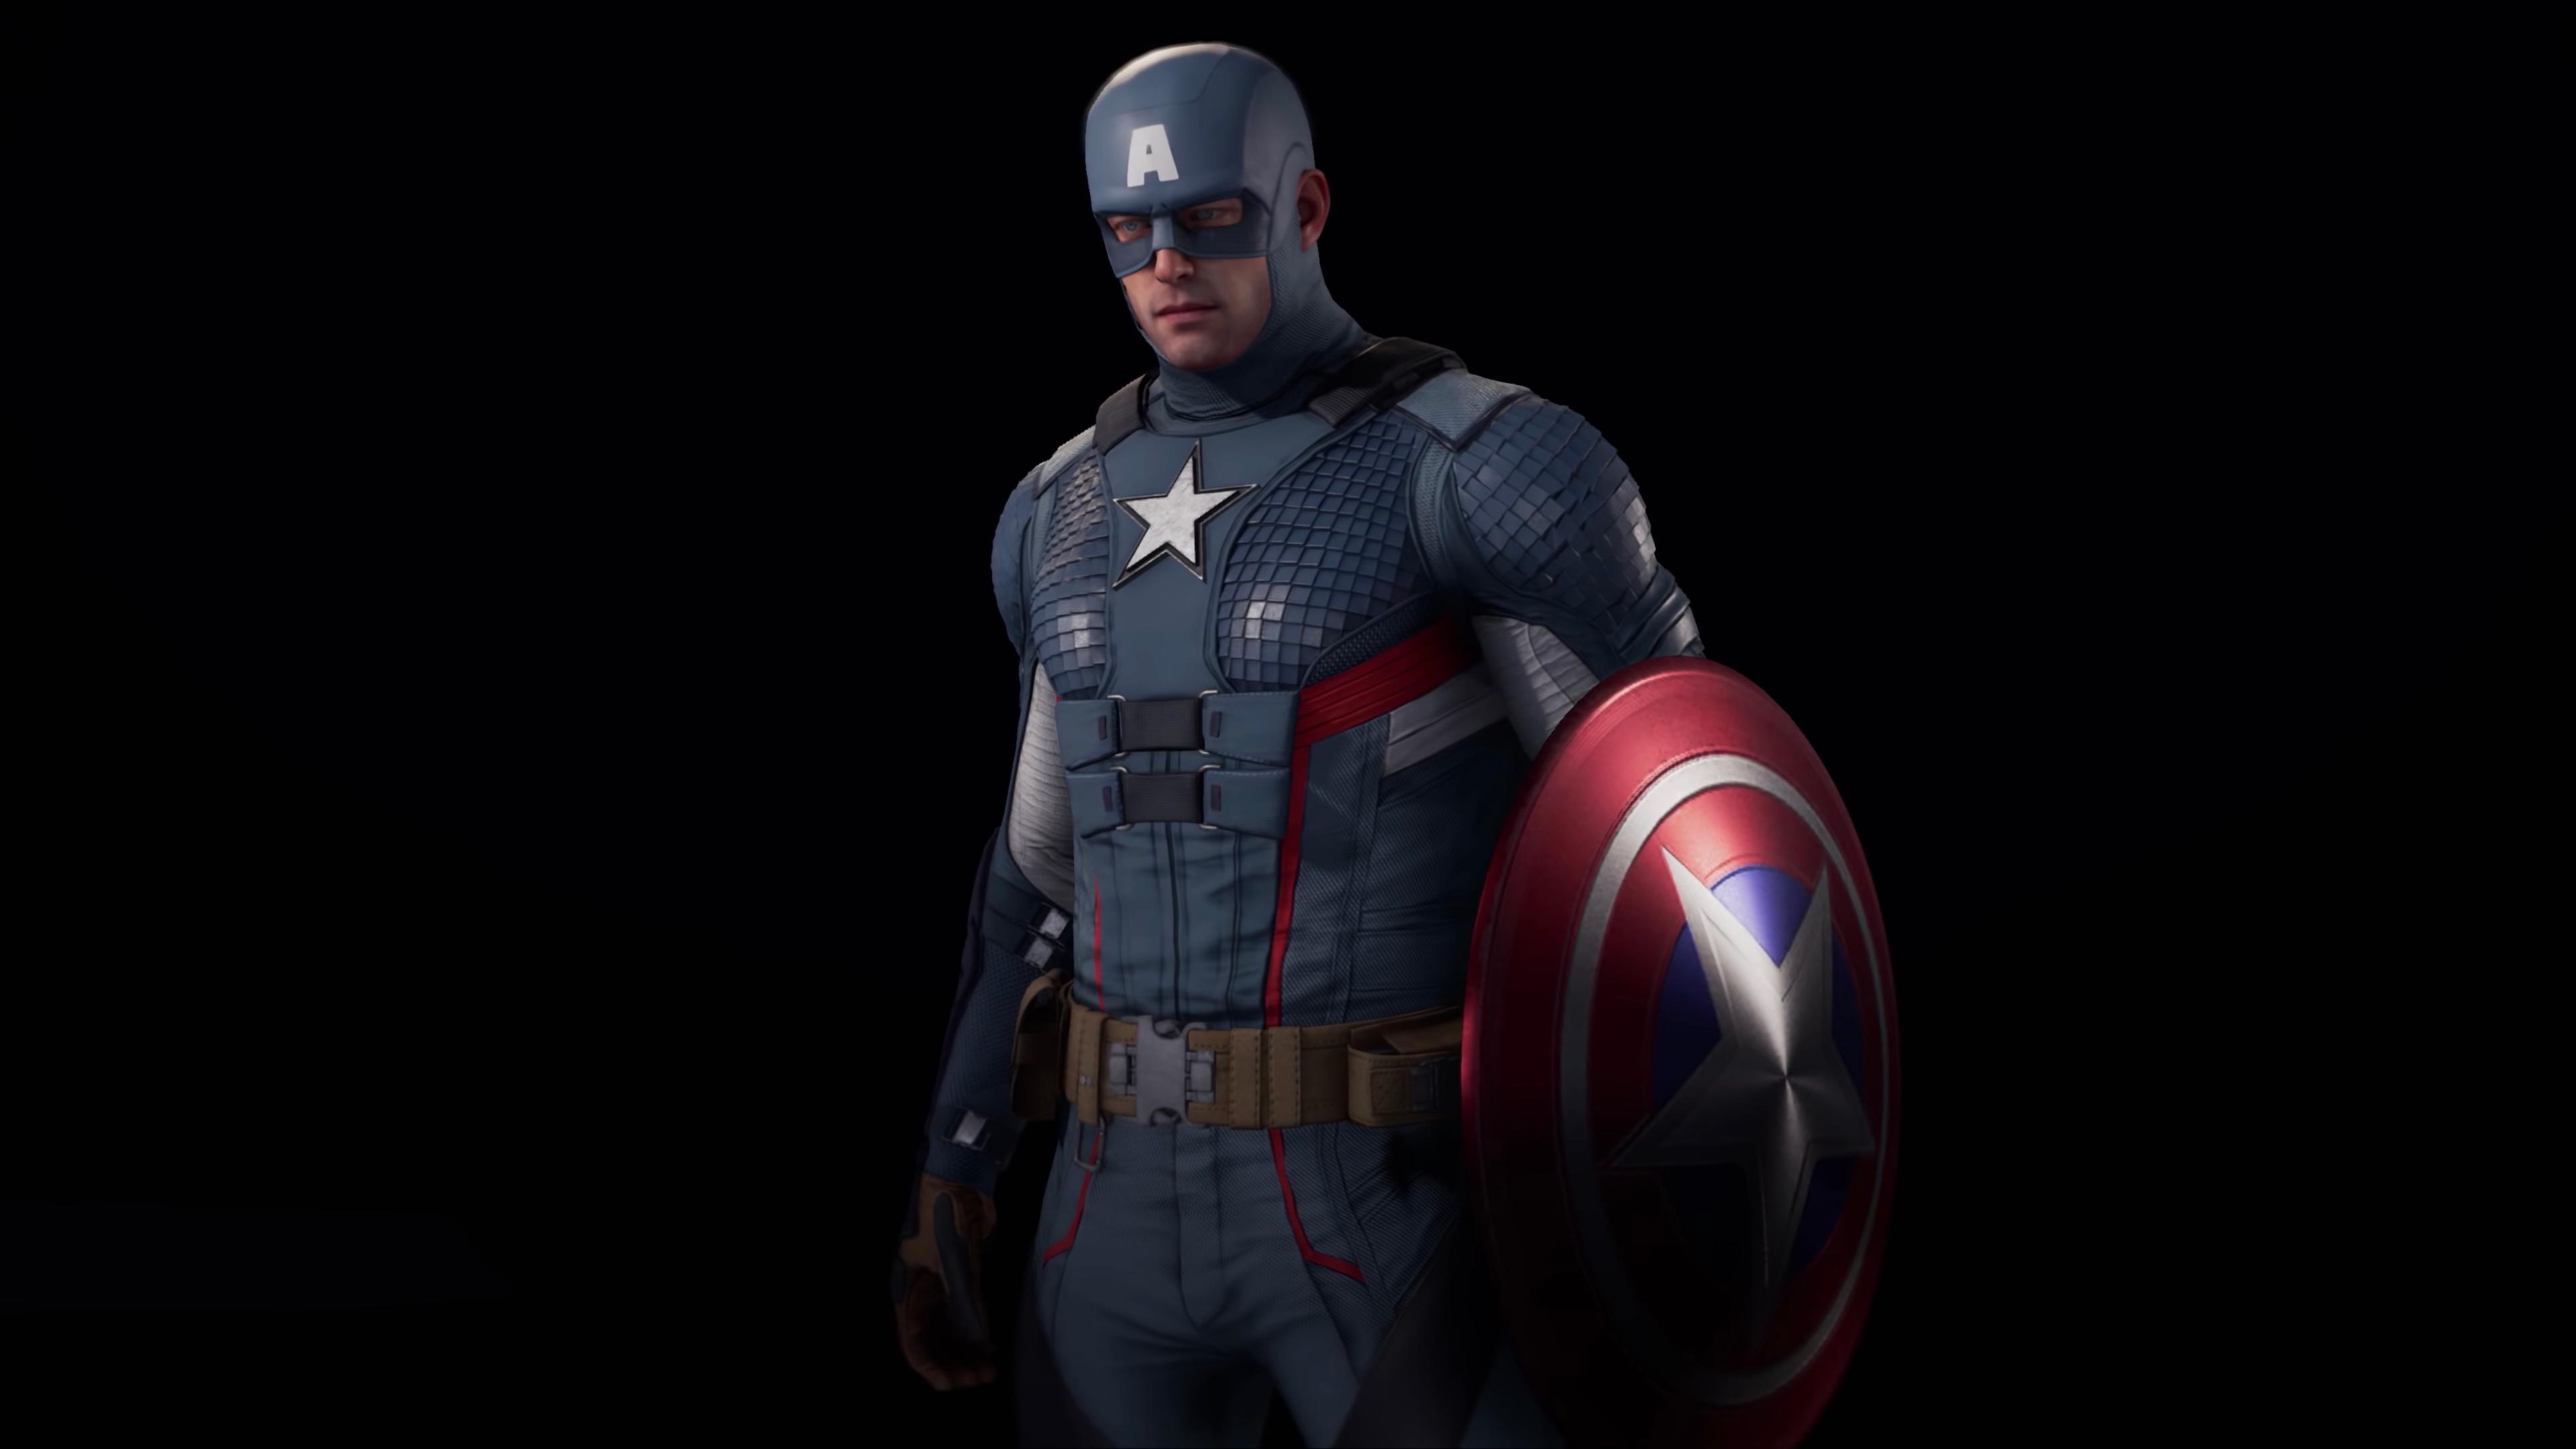 marvels avenger captain america 1570393122 - Marvels Avenger Captain America - marvels avengers wallpapers, marvel wallpapers, hd-wallpapers, games wallpapers, captain america wallpapers, avengers-wallpapers, 4k-wallpapers